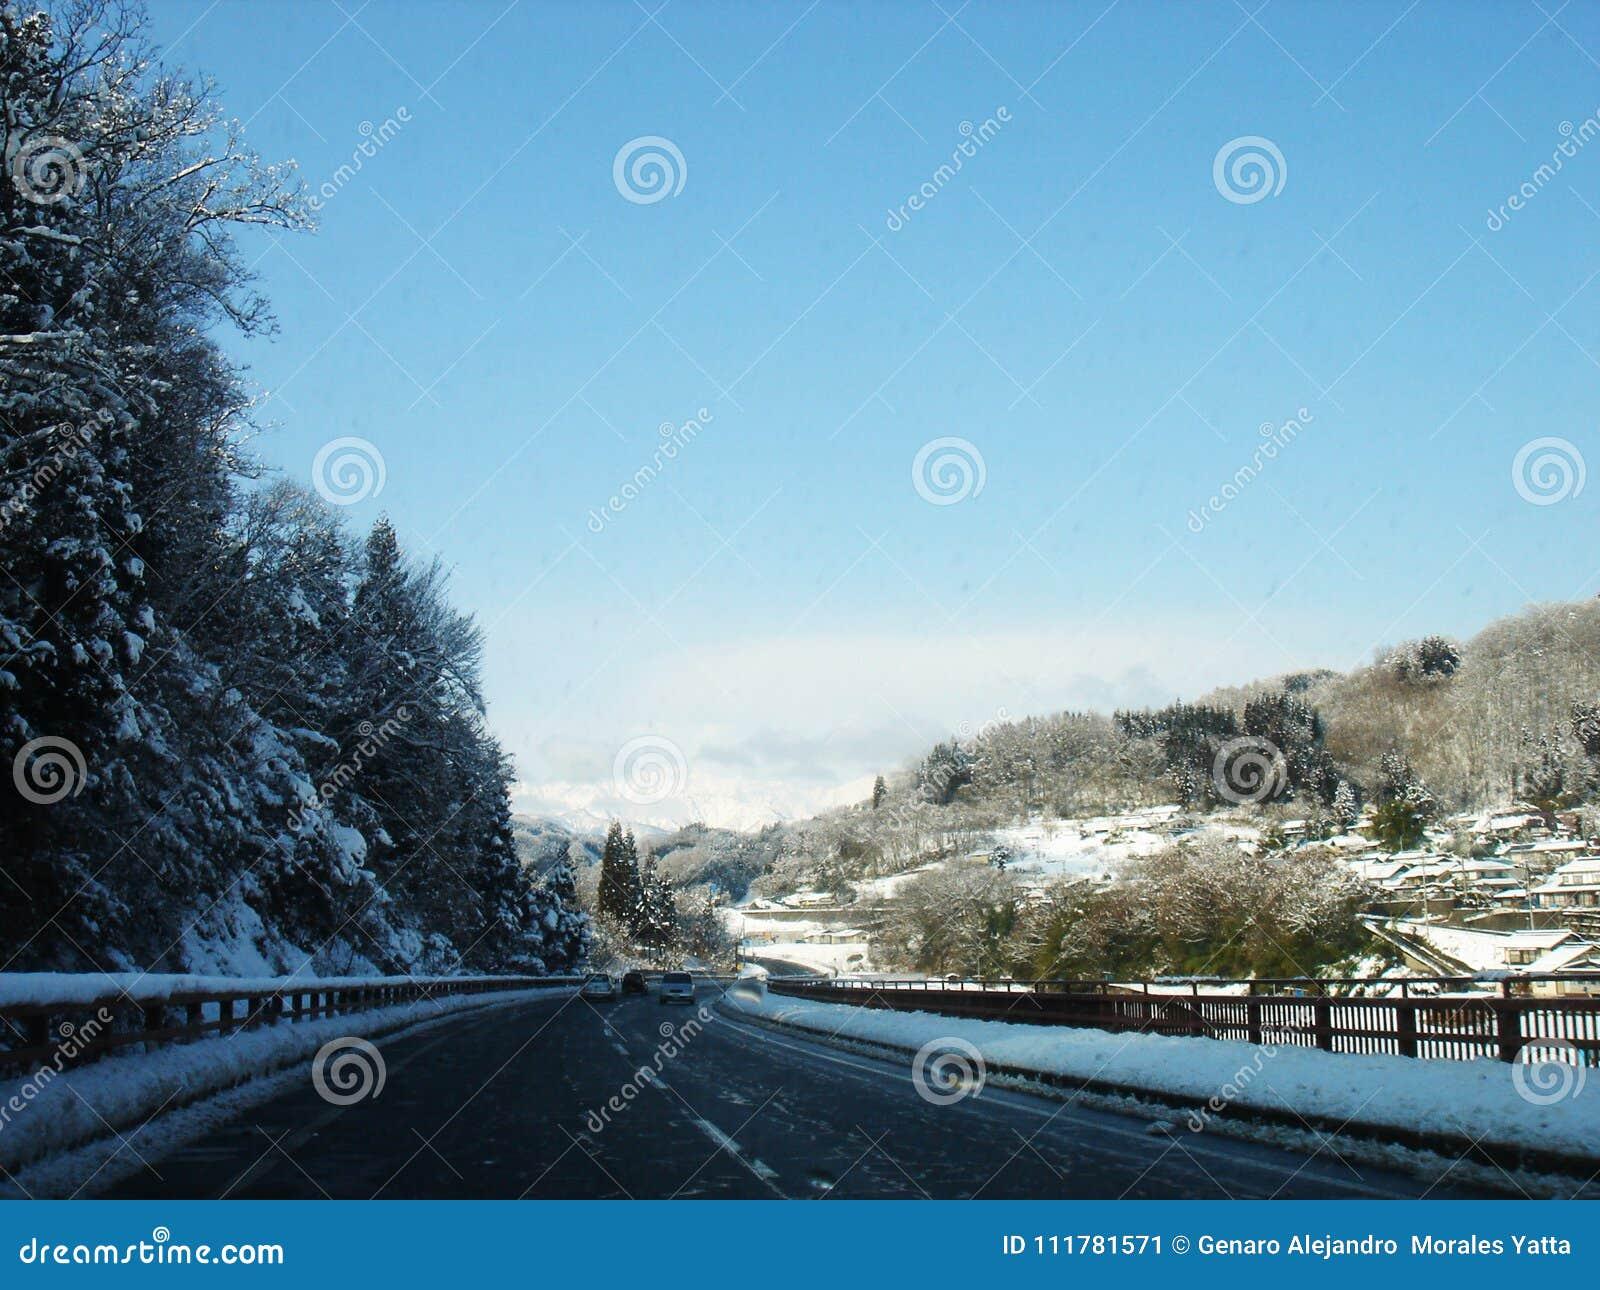 Mountainstreet